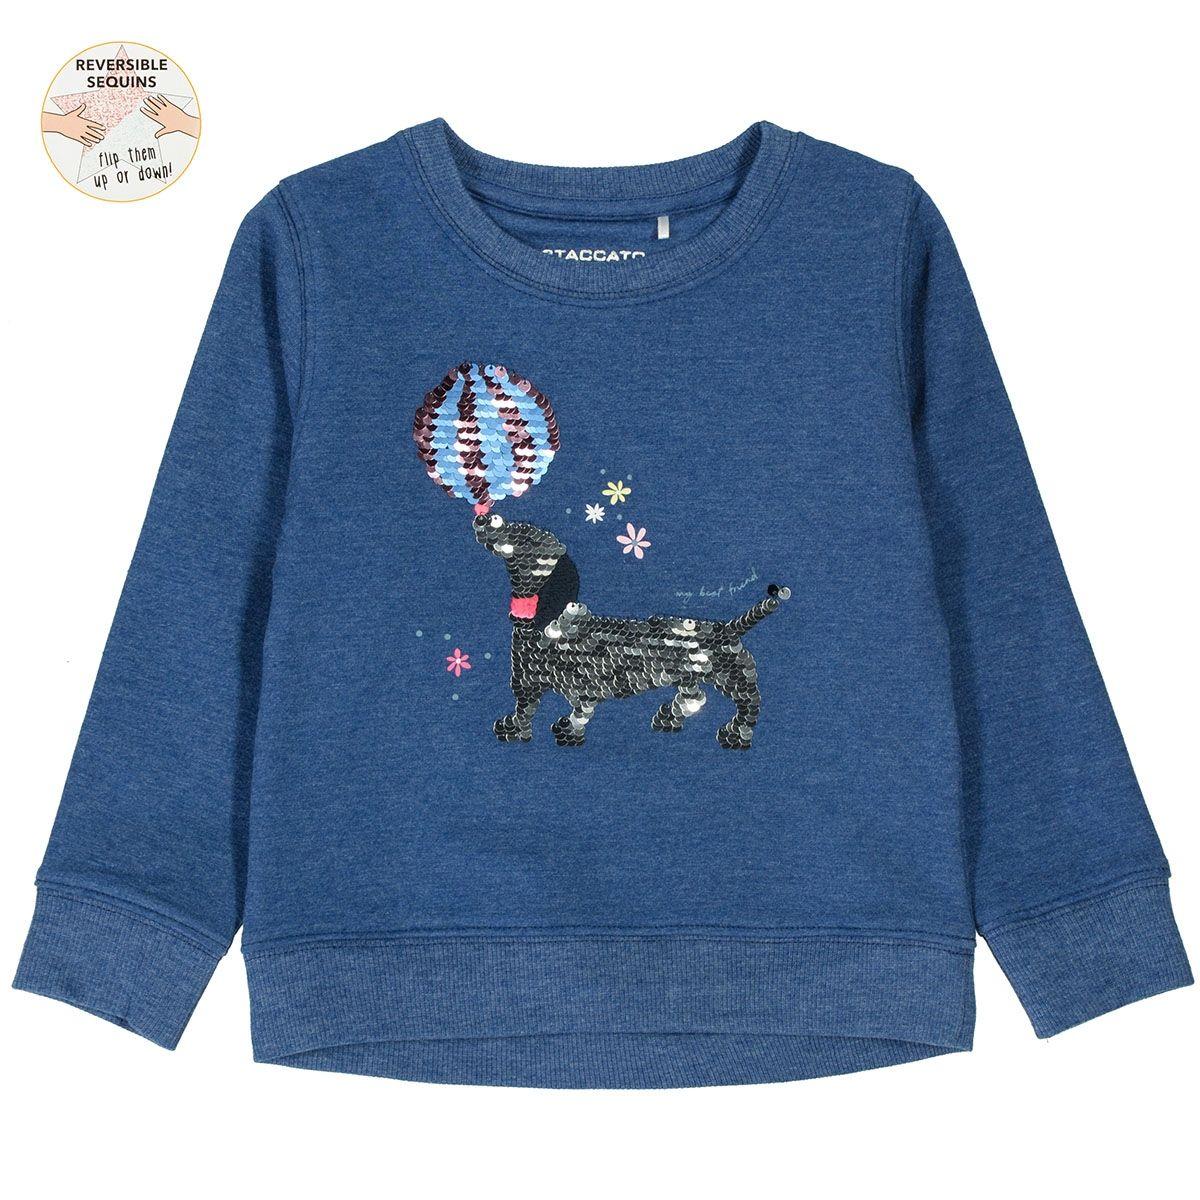 Sweatshirt mit Wendepailetten - Deep Blue Melange